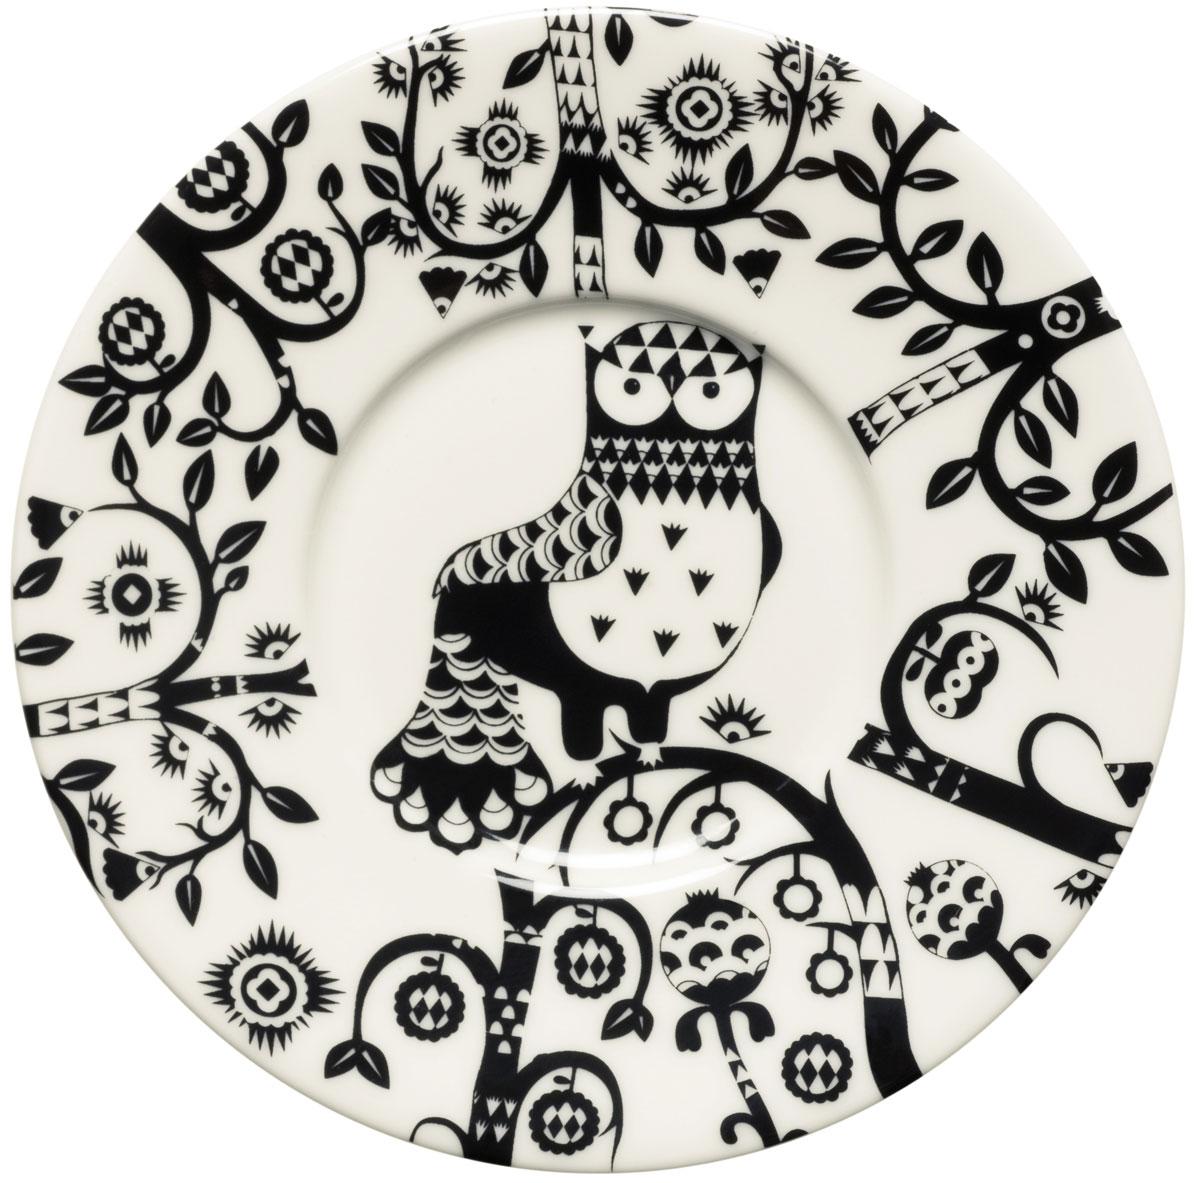 Блюдце Iittala Taika, цвет: черный, диаметр 15 см1012508Блюдце Iittala Taika выполнено из качественного жароустойчивого прочного фарфора с долговечным стекловидным эмалевым покрытием.Можно мыть в посудомоечной машине.